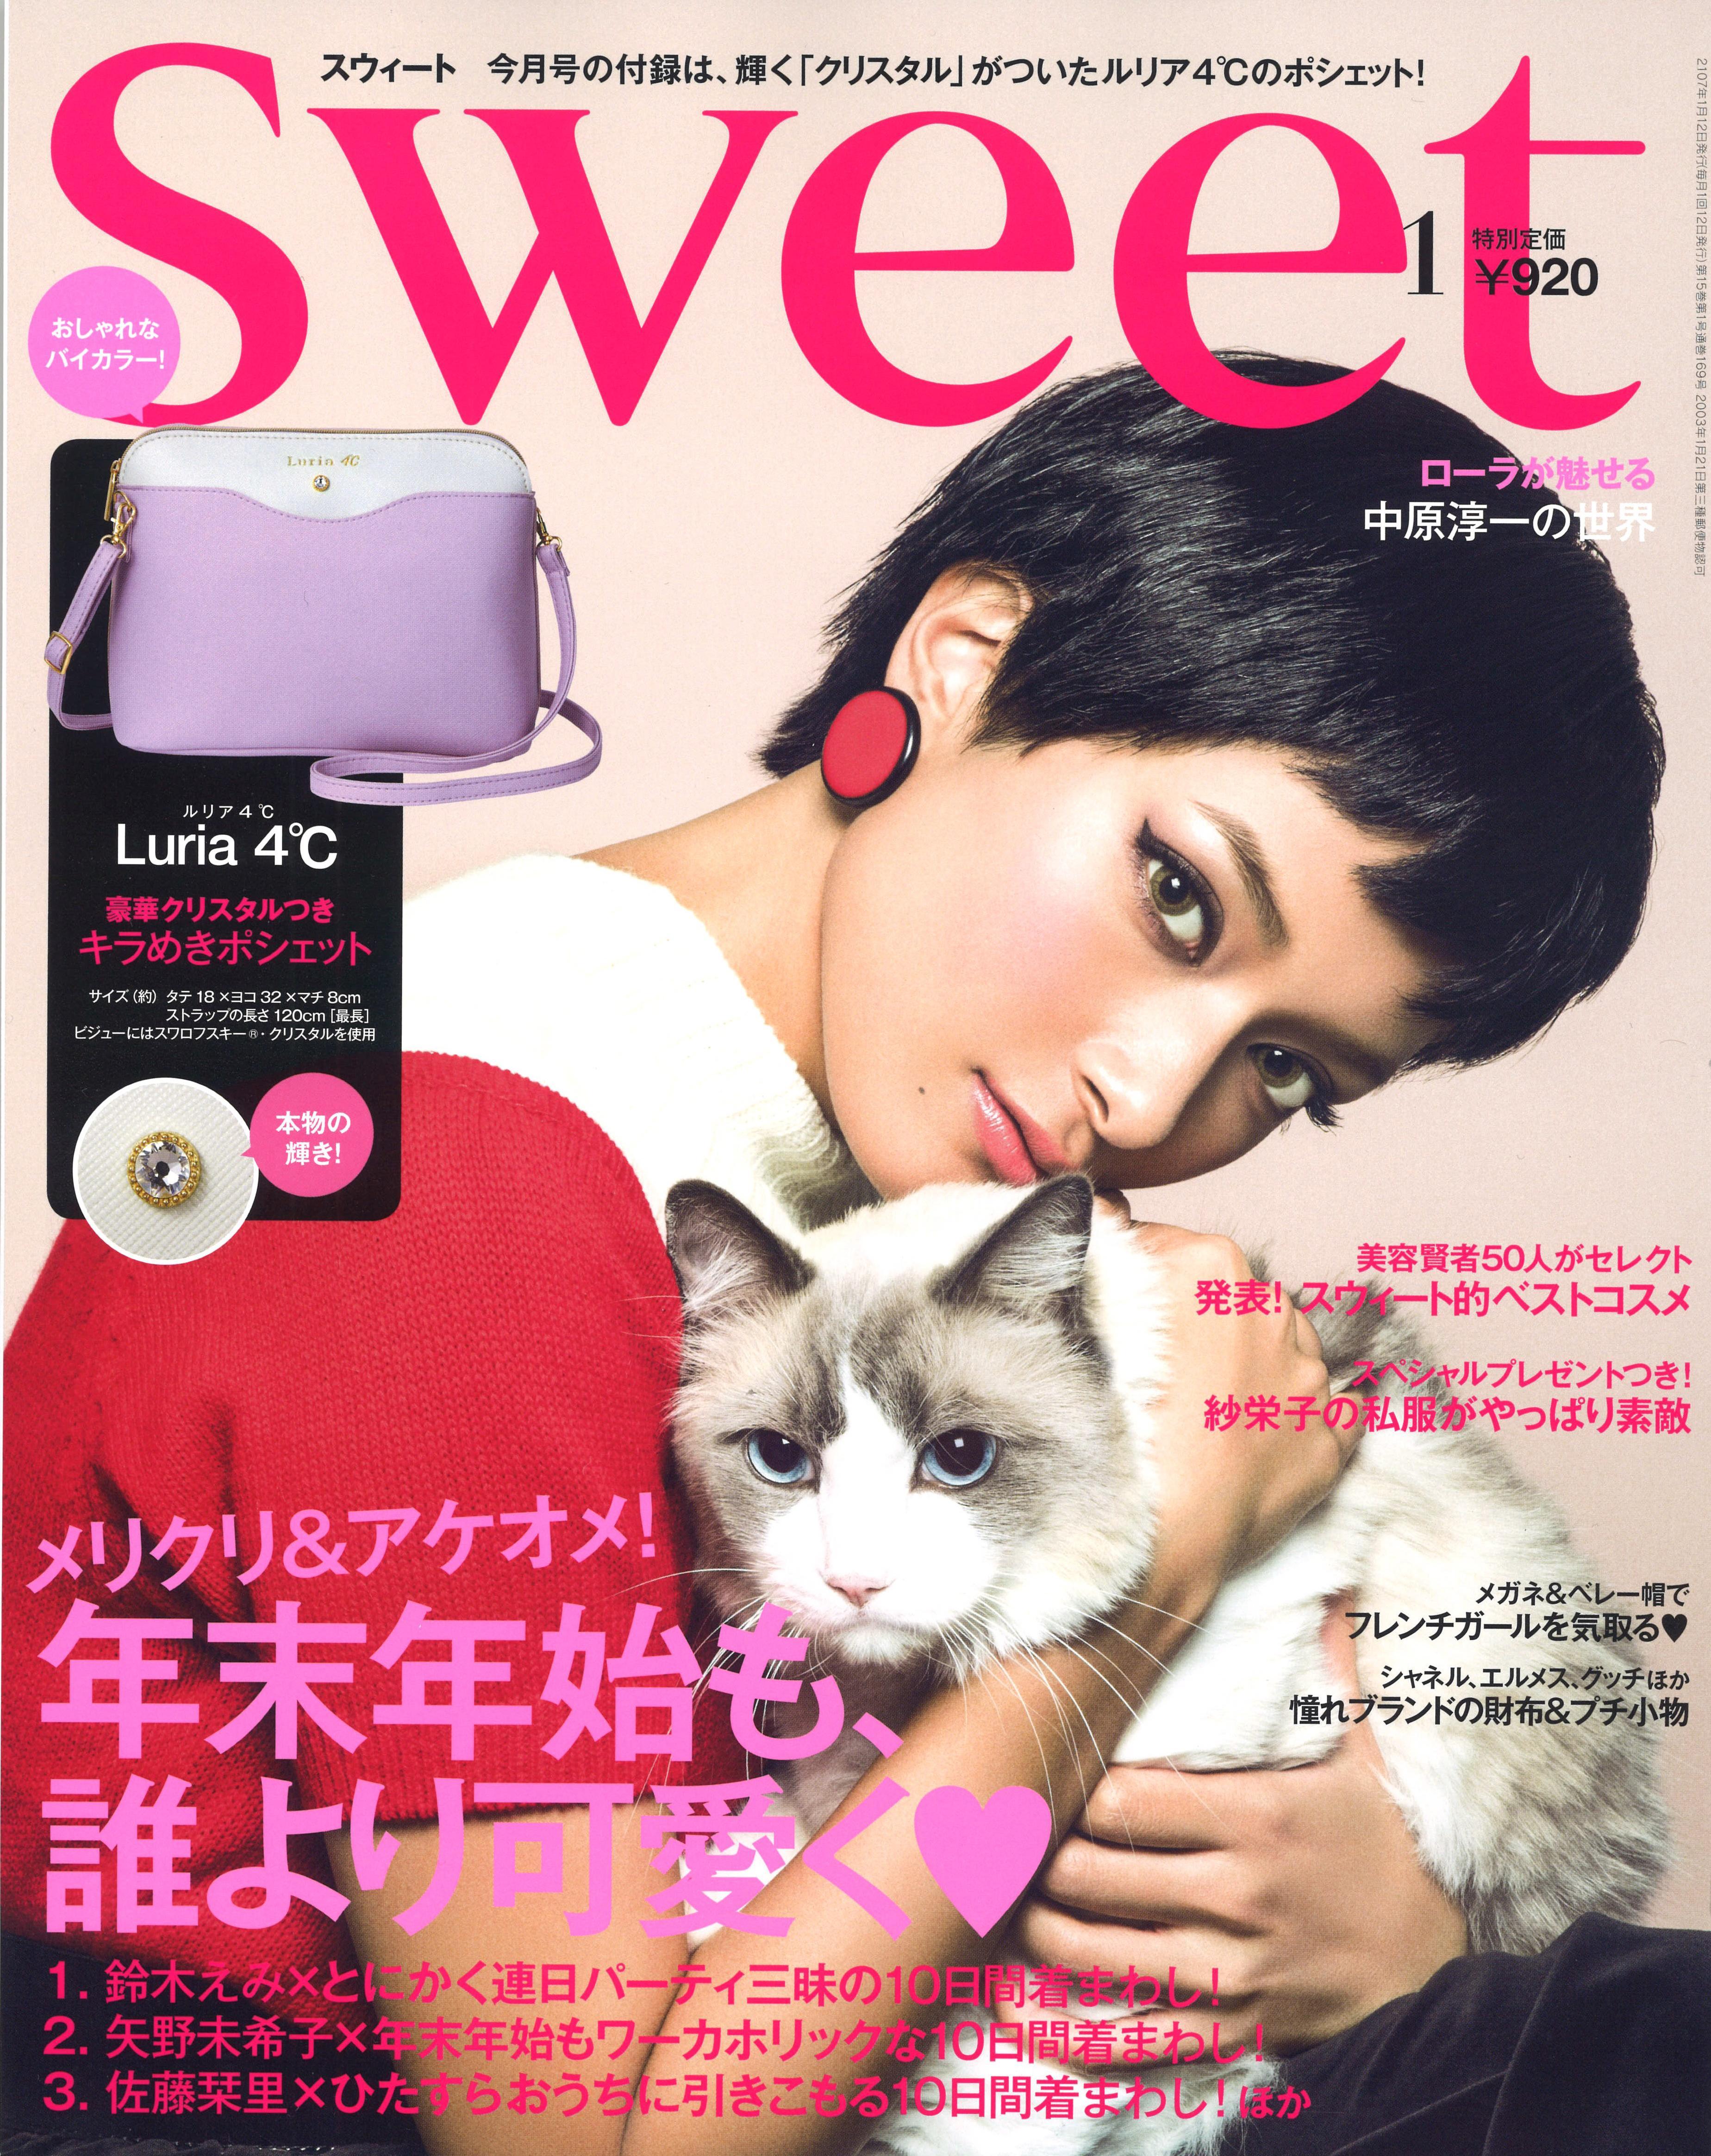 [掲載情報]sweet 1月号